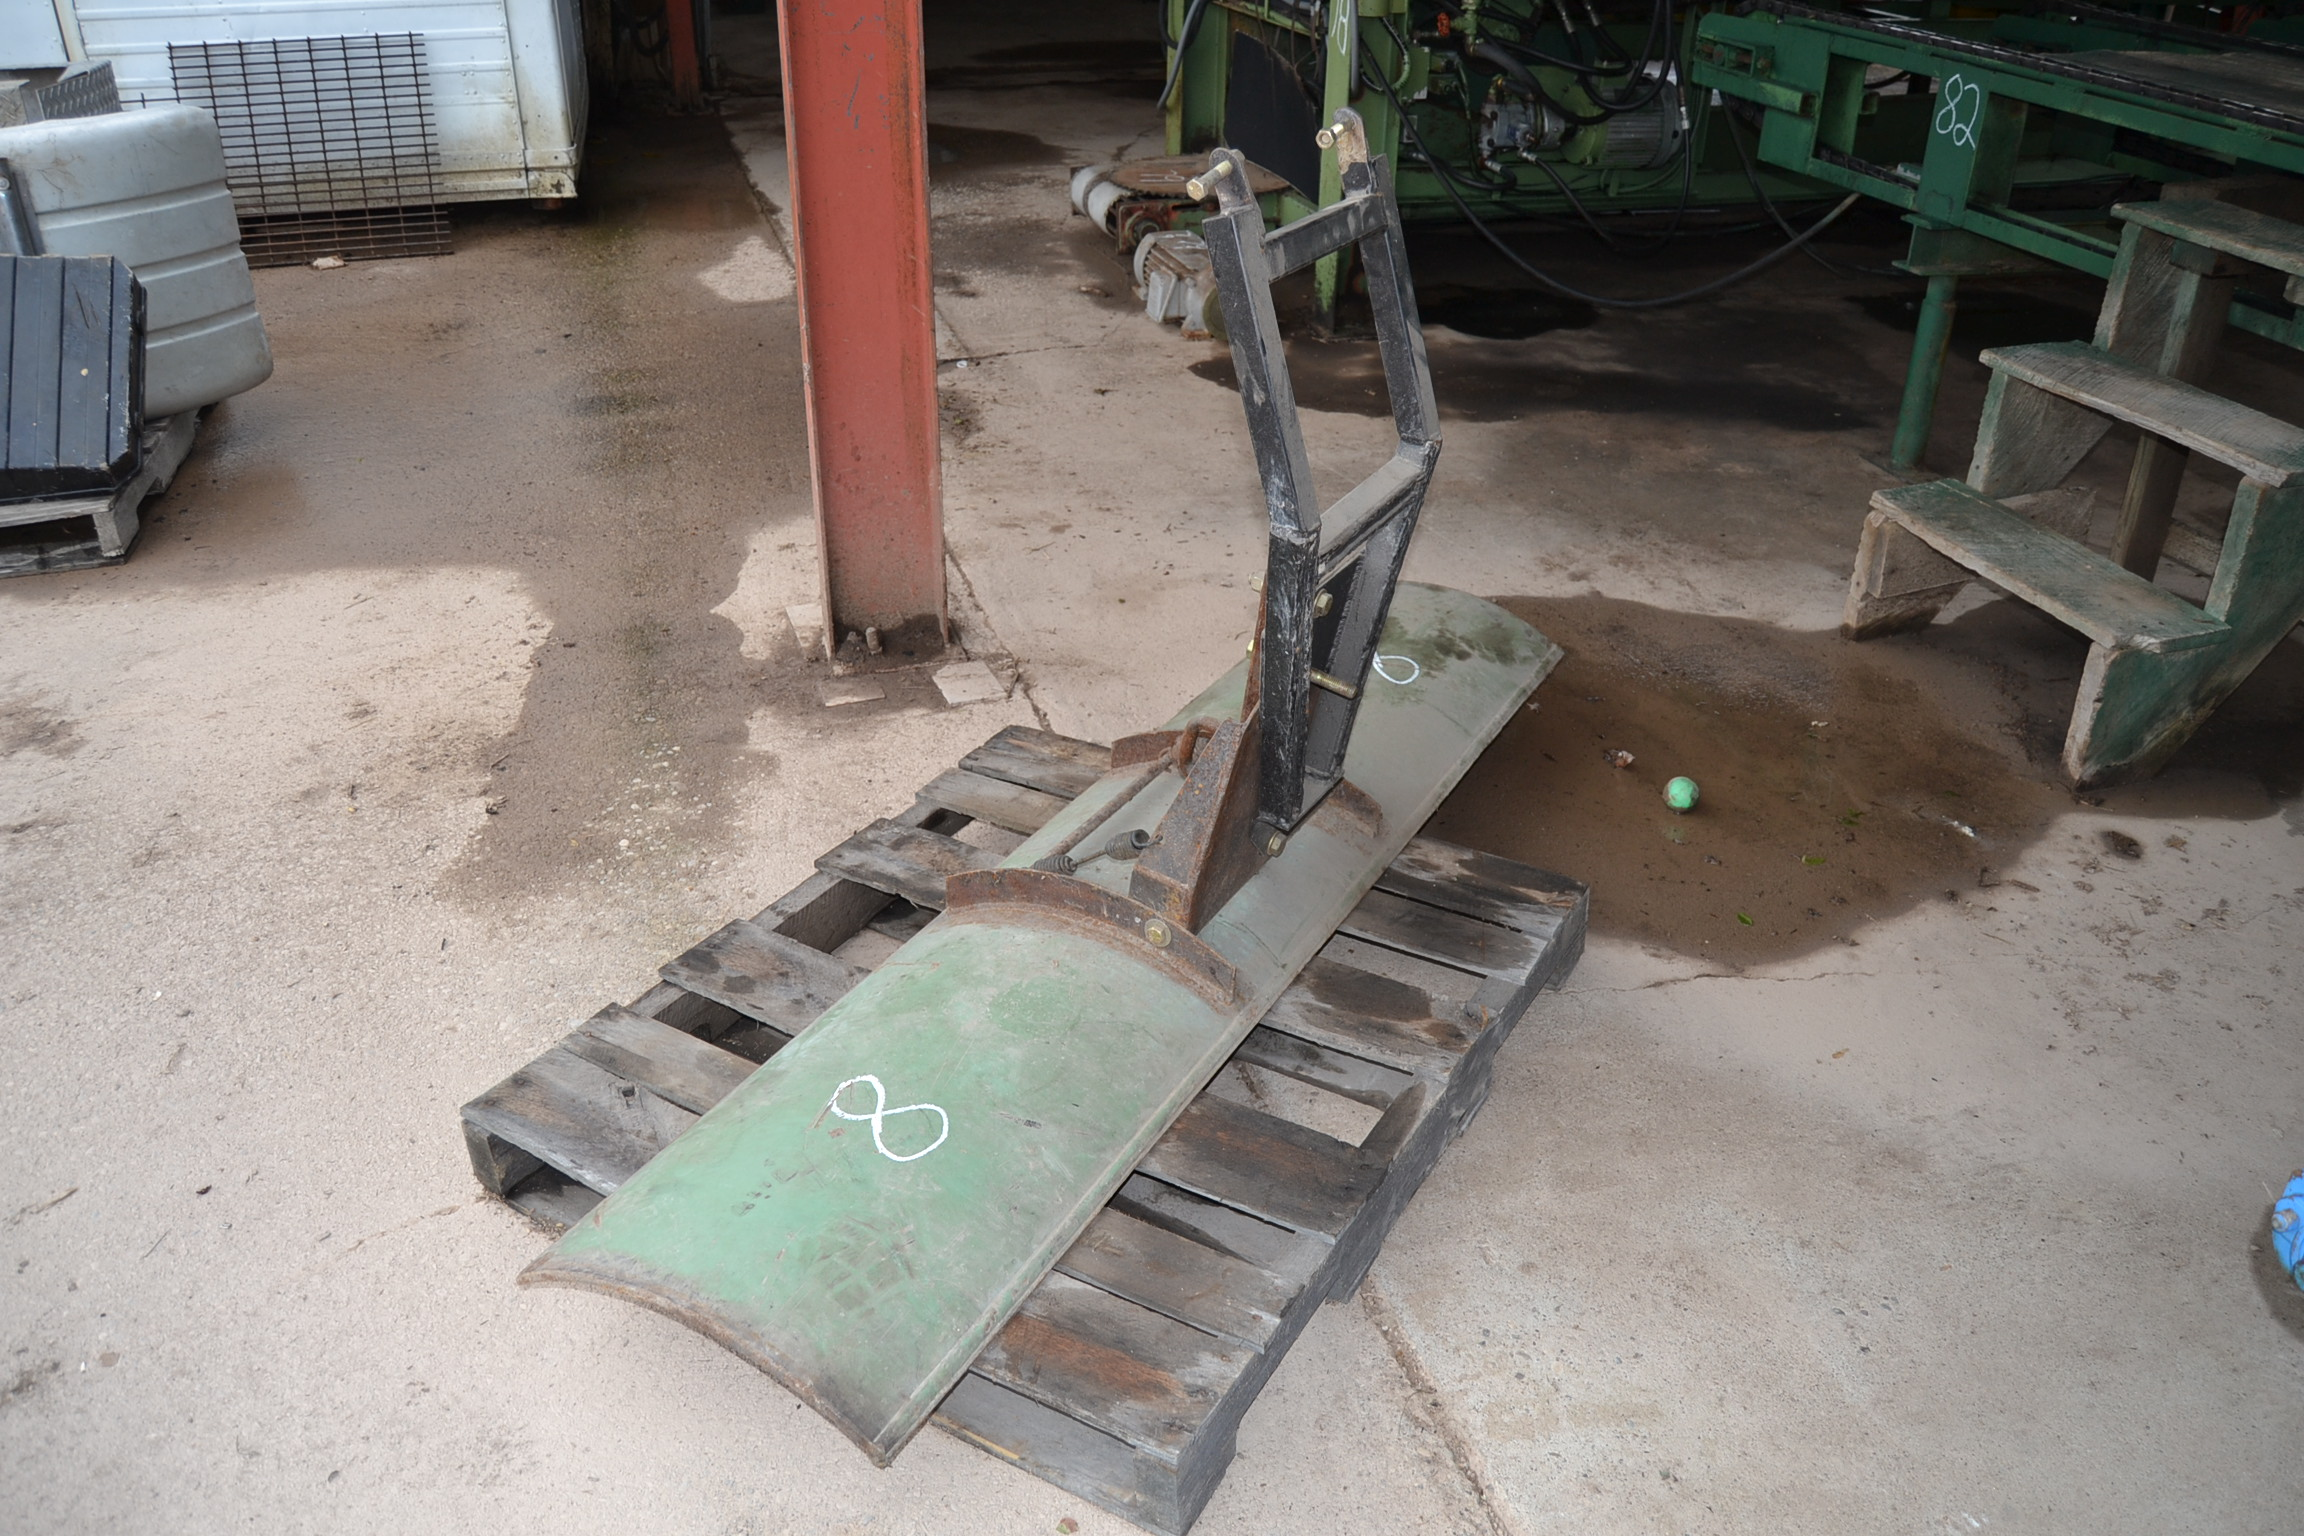 Lot 8 - SCRAPER BLADE FOR SMALL TRACTOR